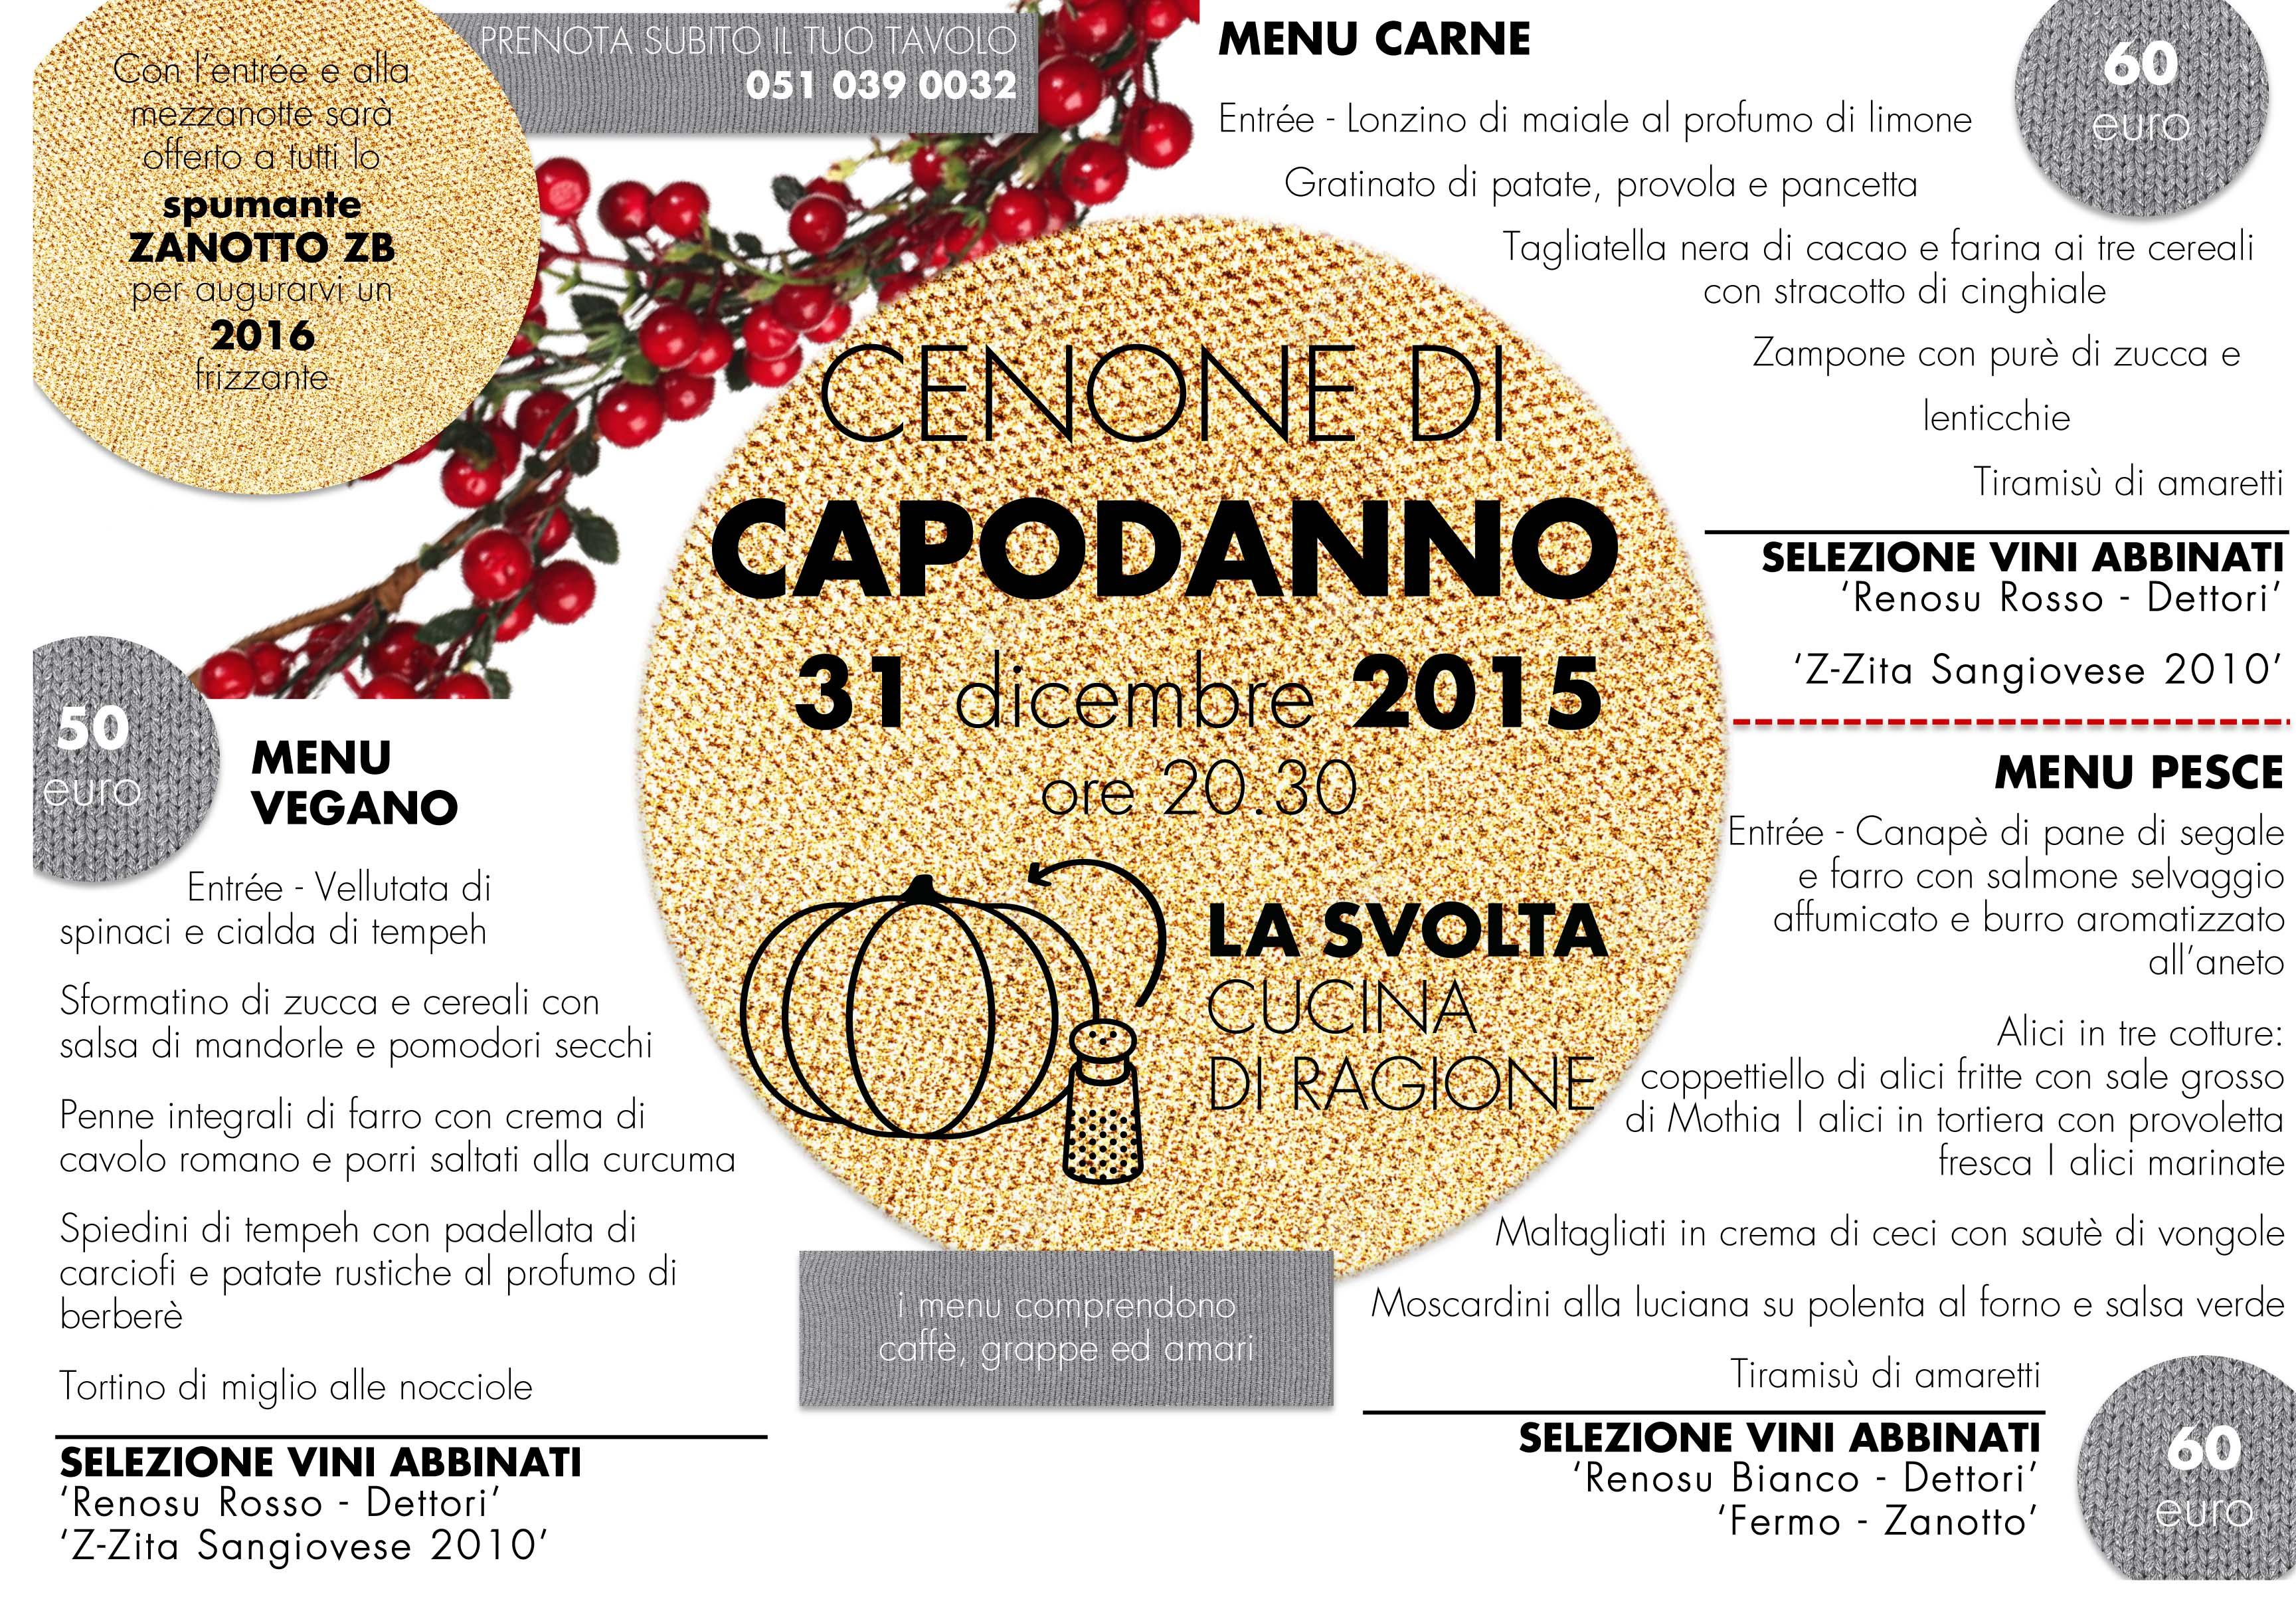 Microsoft Word - Flyer Capodanno.docx